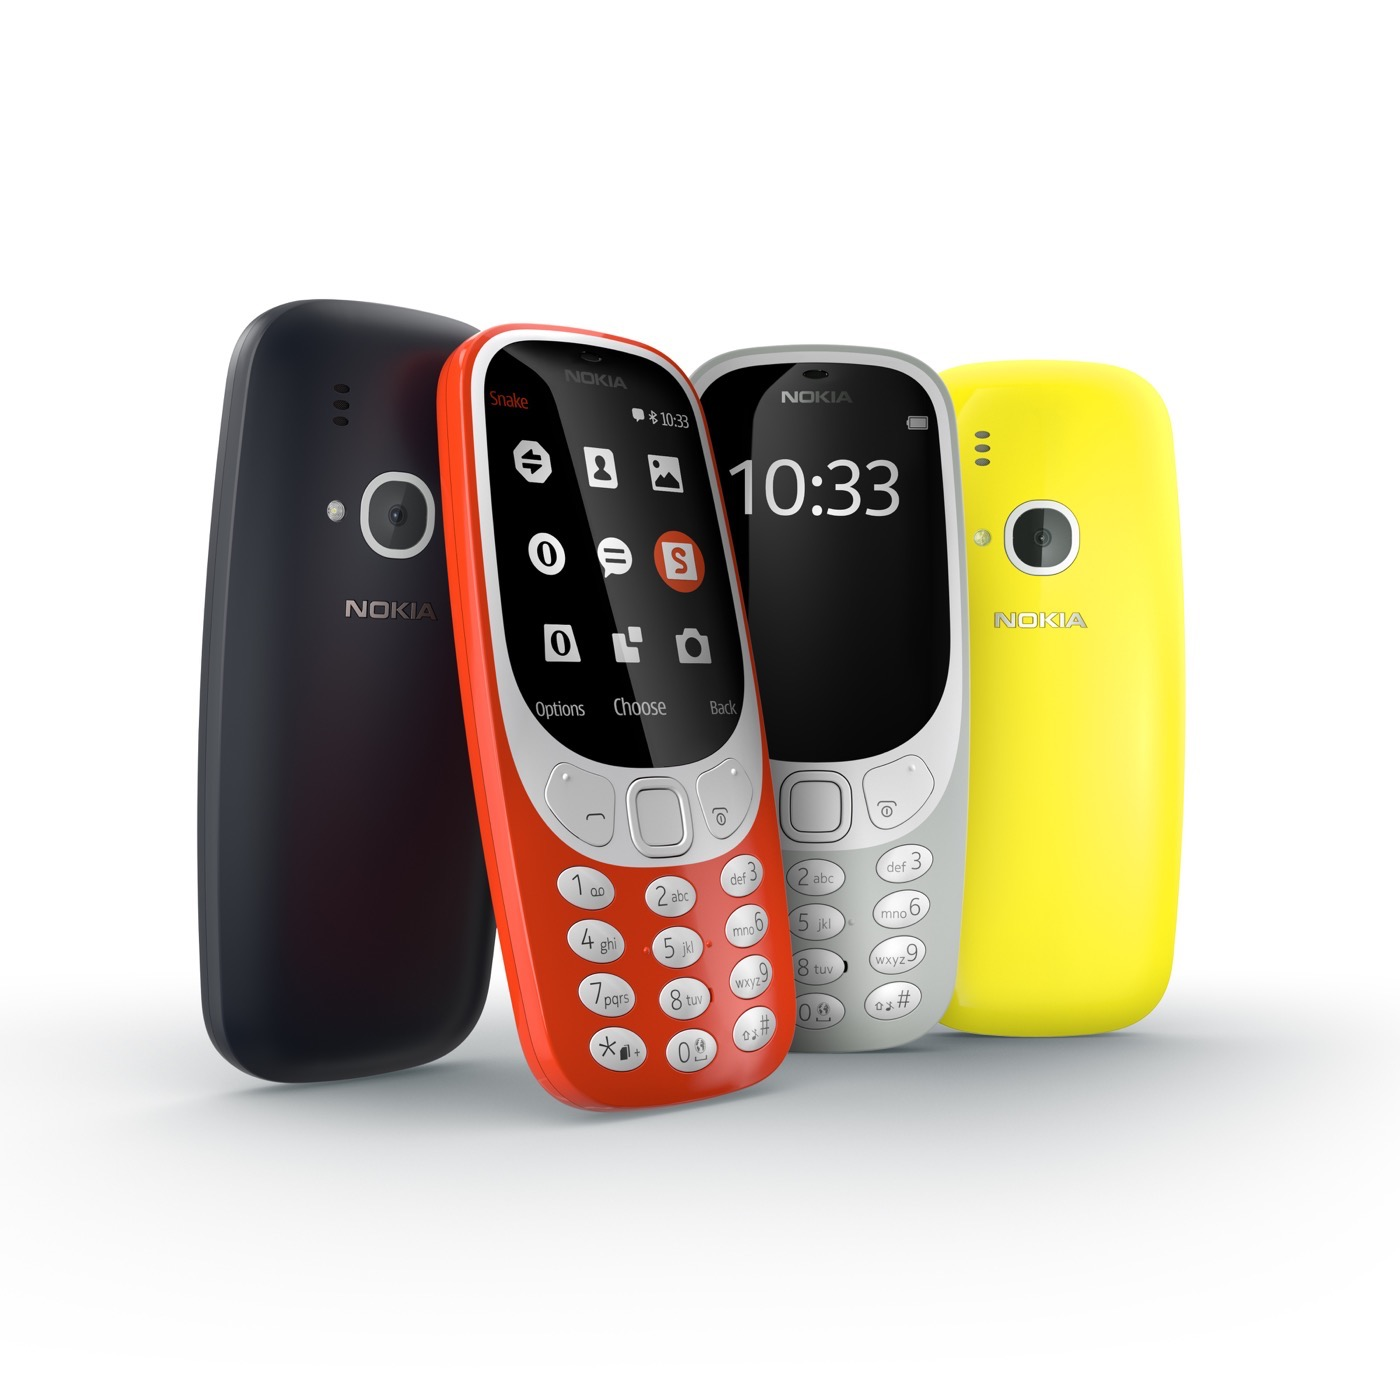 El Nokia 3310 aterrizará el 24 de mayo en España